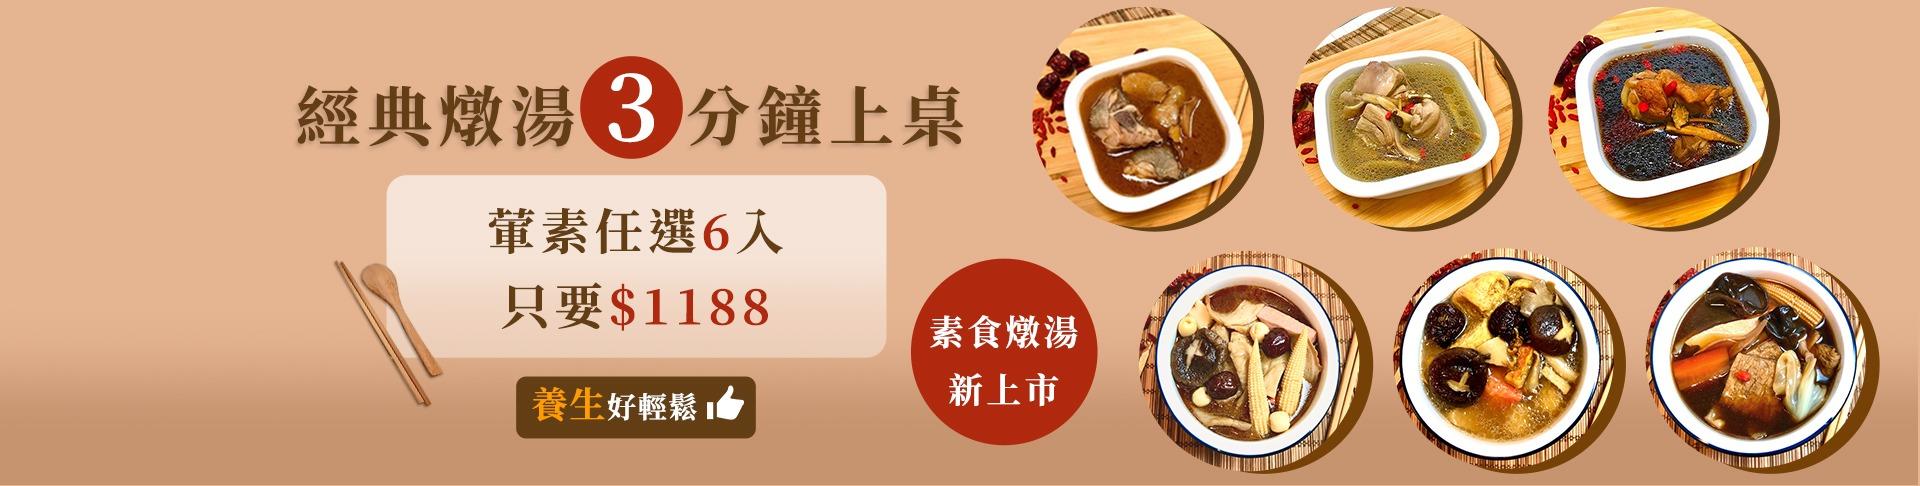 全家人養生煲湯系列- 任選6入優惠中